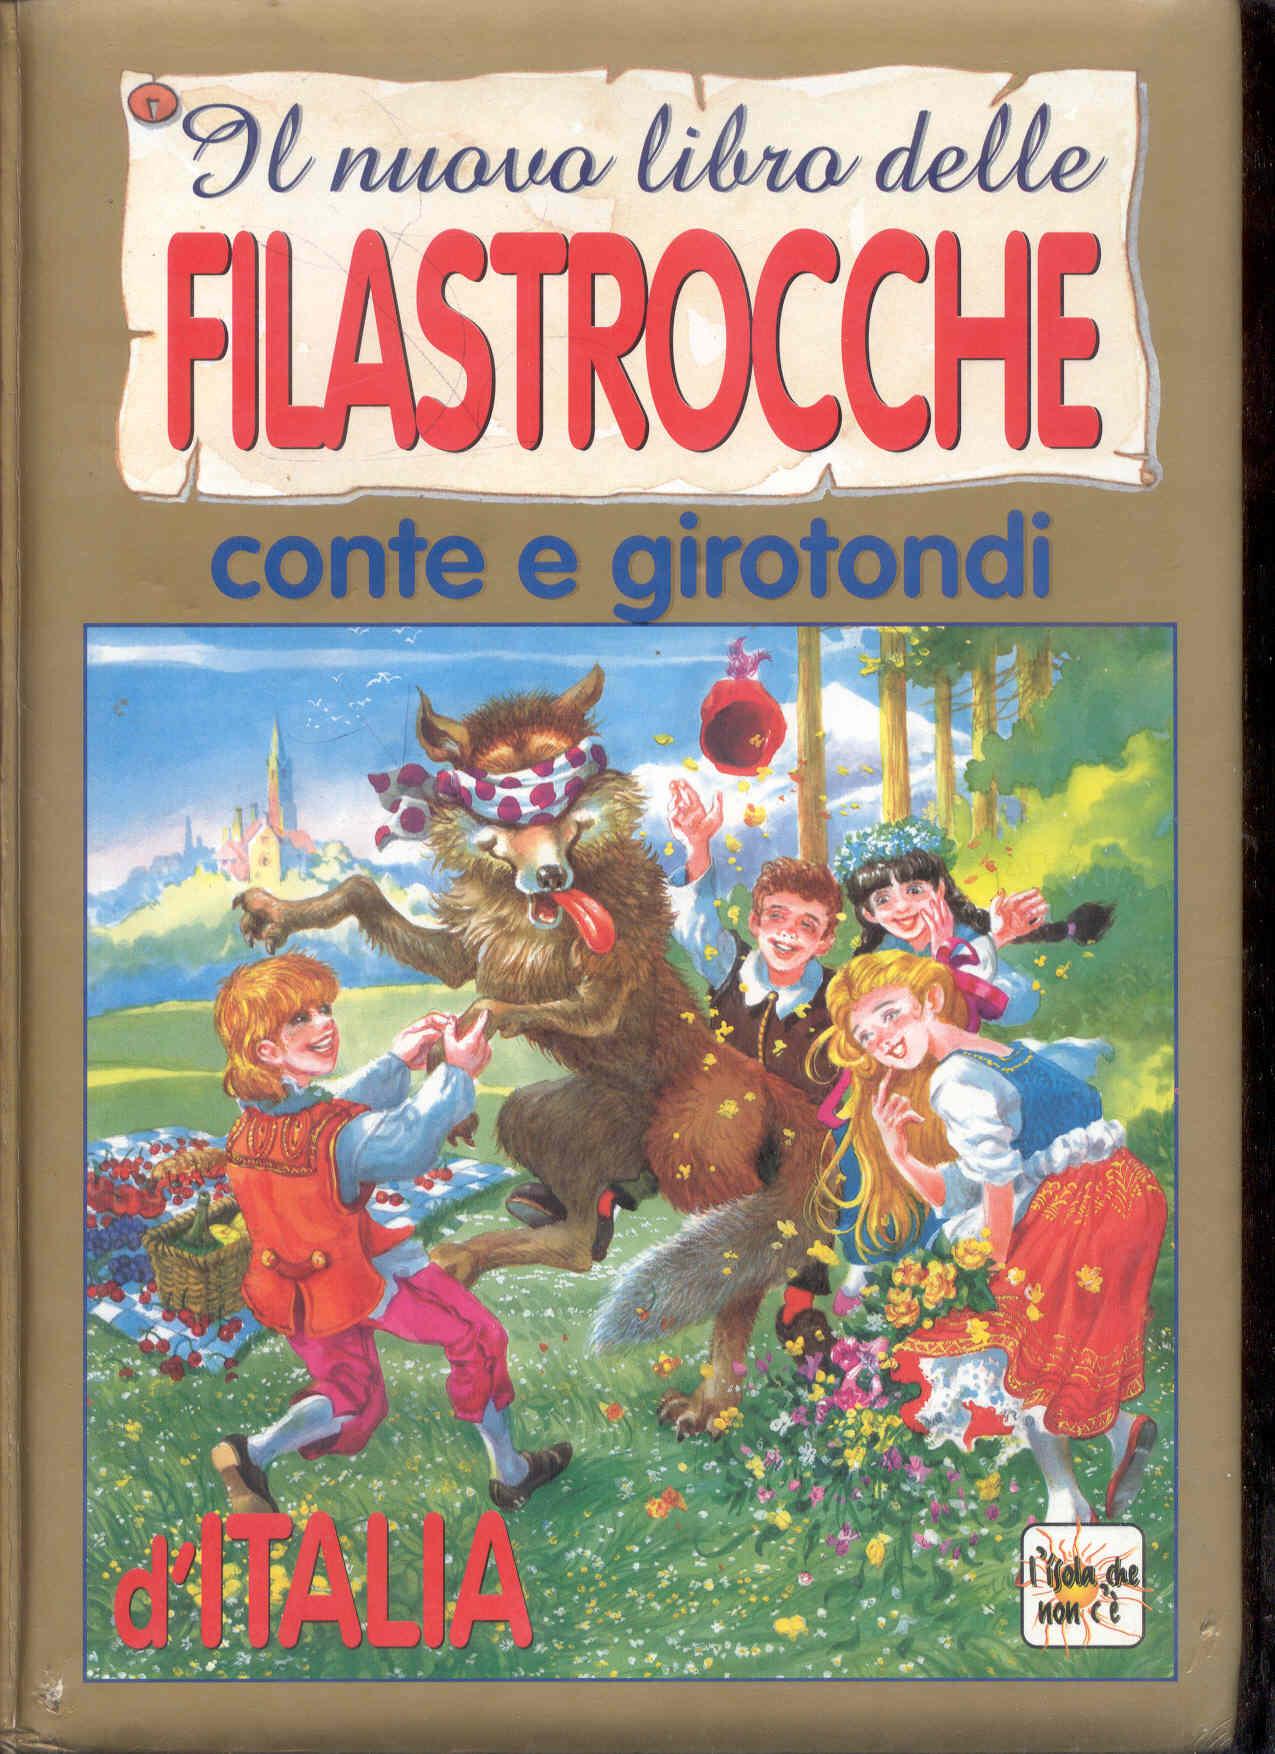 Il nuovo libro delle filastrocche, conte e girotondi d'Italia